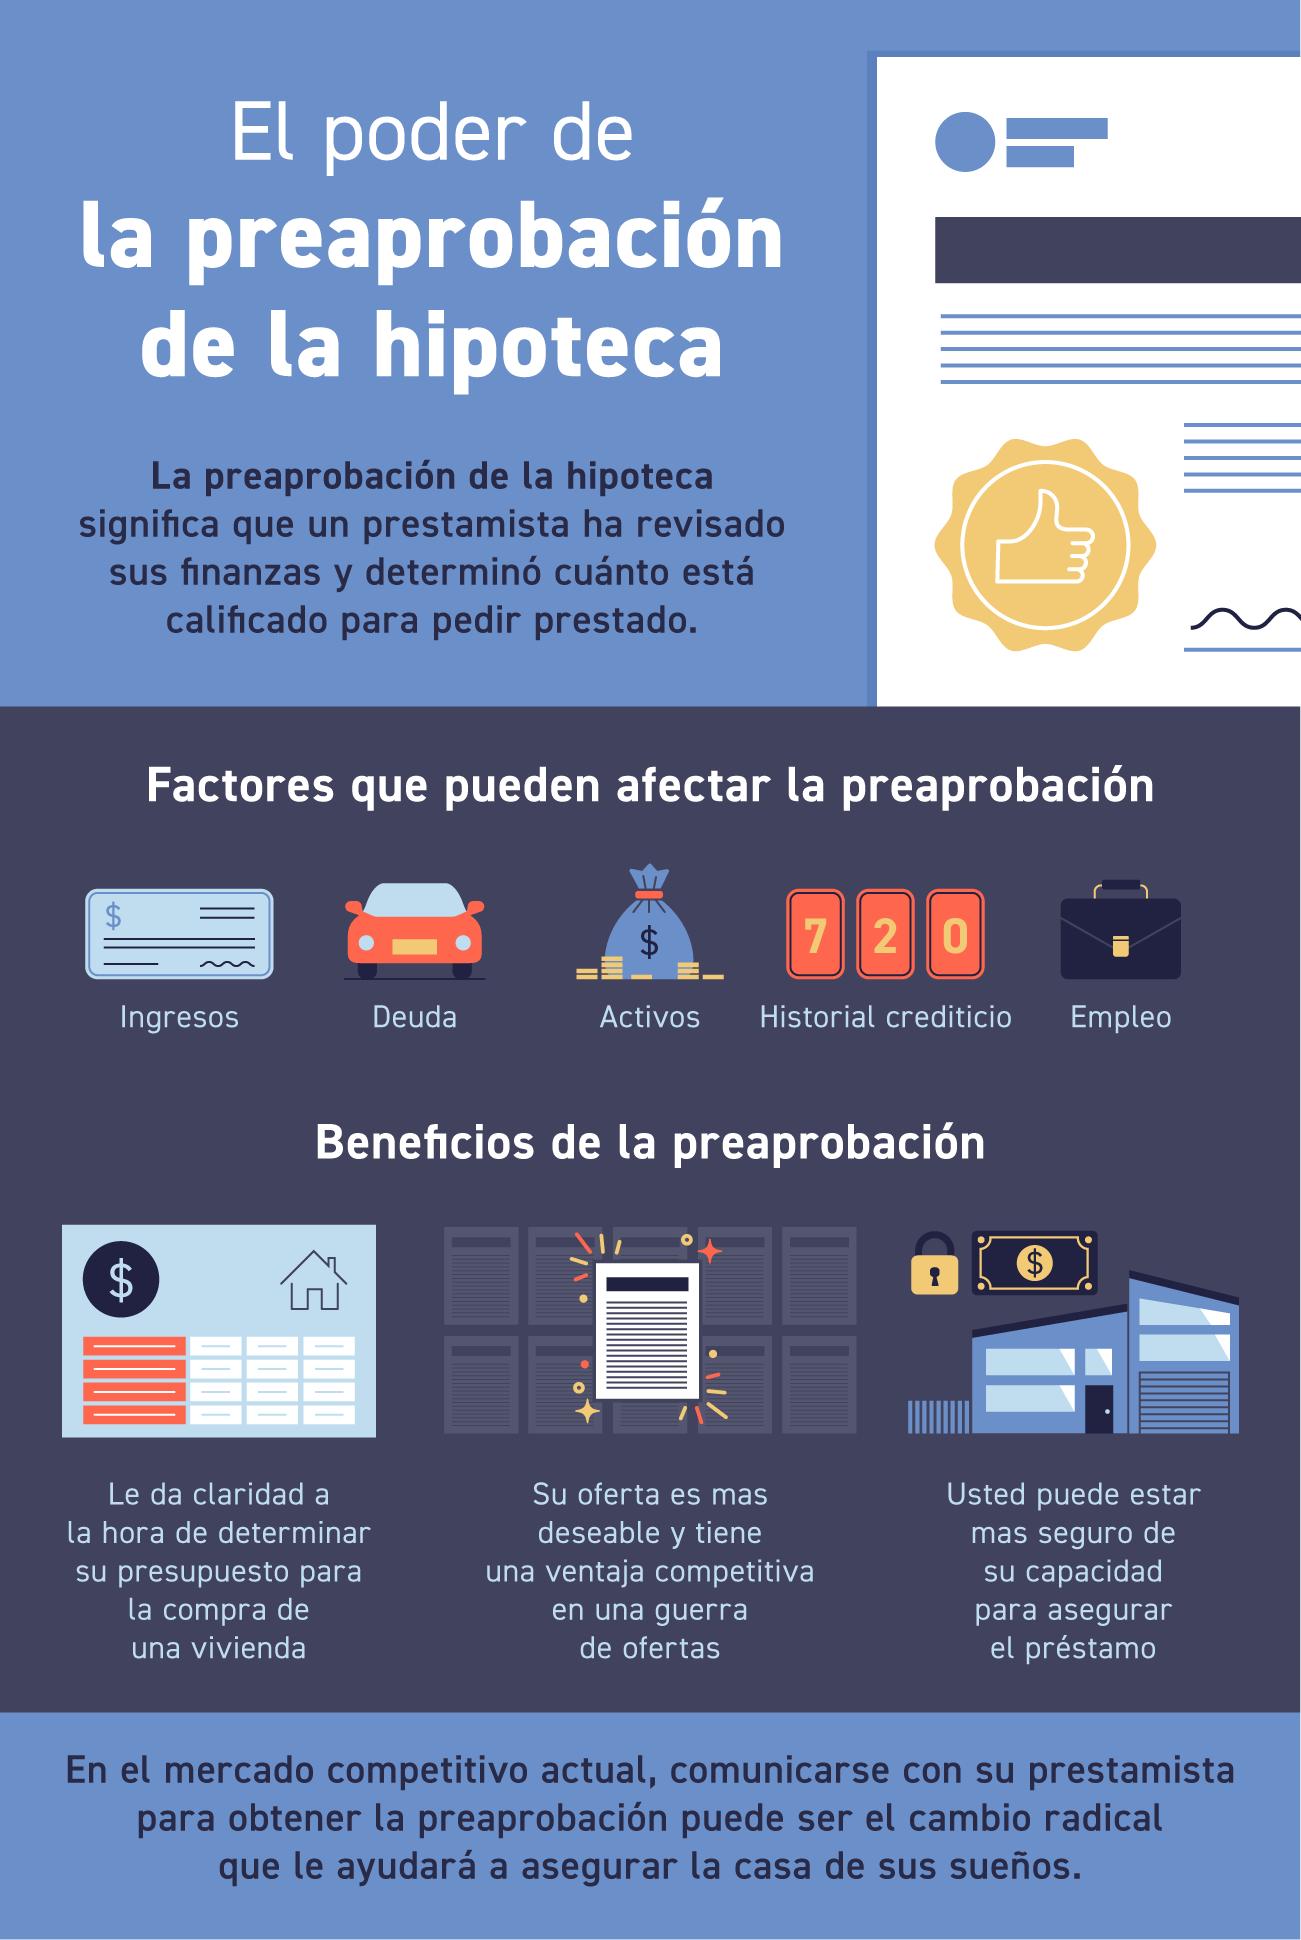 El poder de la preaprobación de la hipoteca [Infografía] | Simplifying The Market